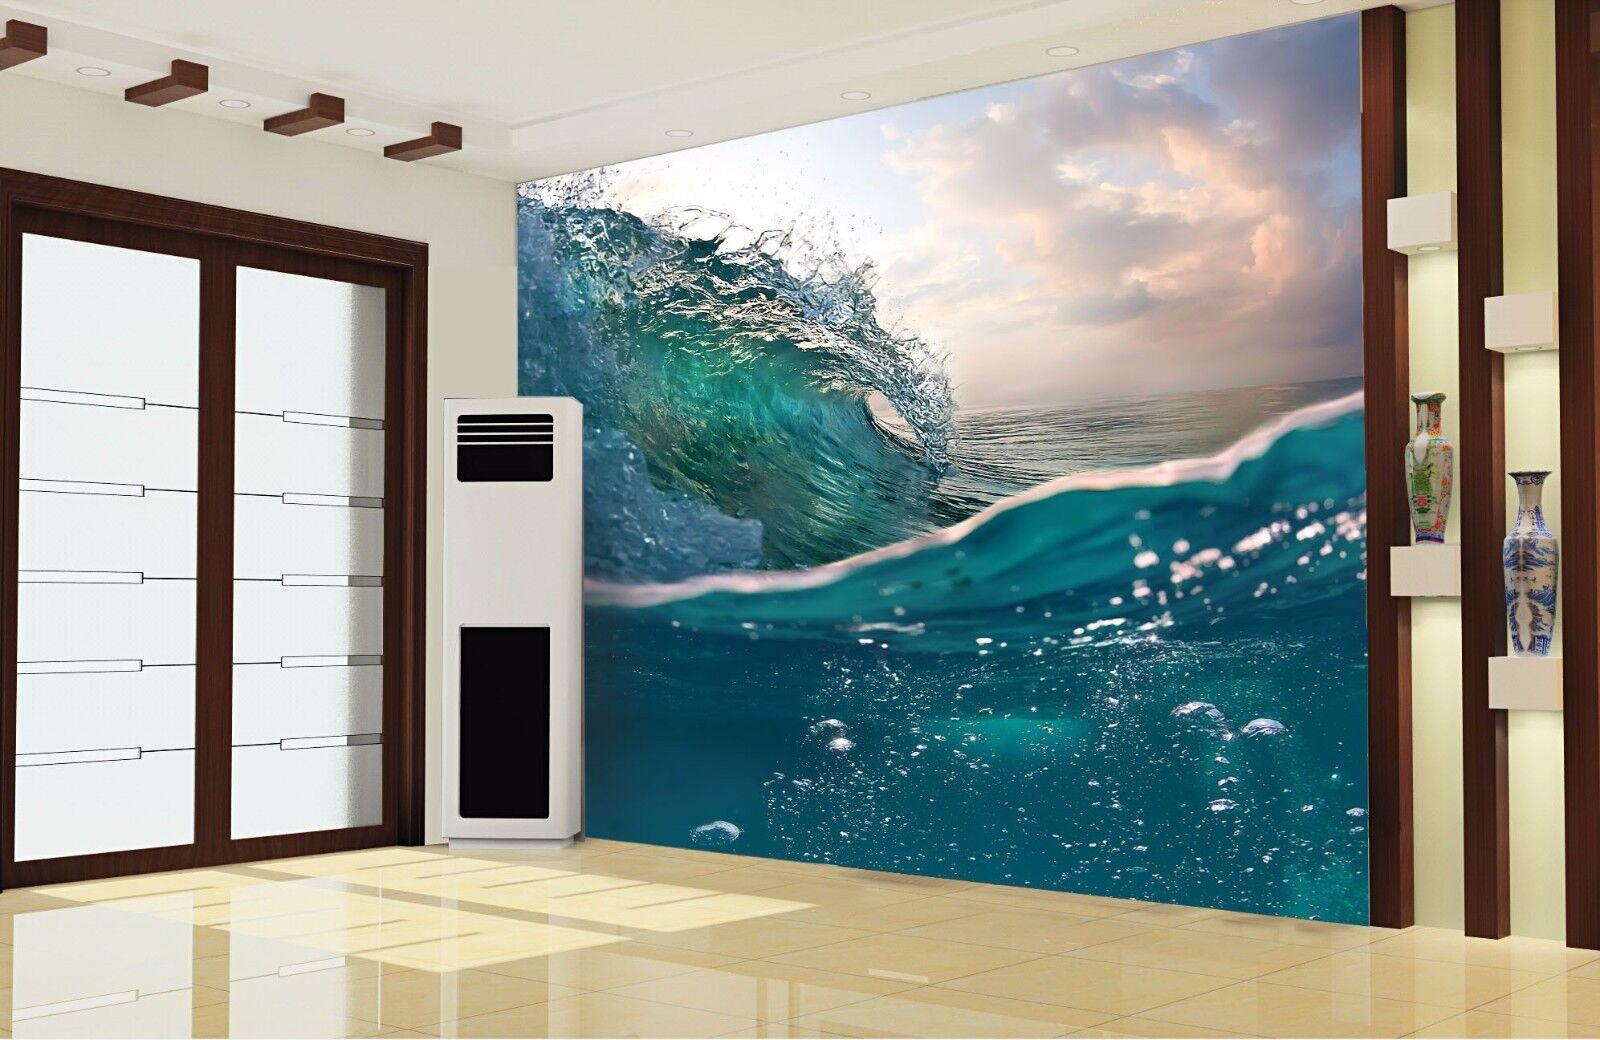 3D Blase Blase Blase Meer Wellen 84 Tapete Wandgemälde Tapete Tapeten Bild Familie DE Summer   Online Store    Ideales Geschenk für alle Gelegenheiten     b312d6